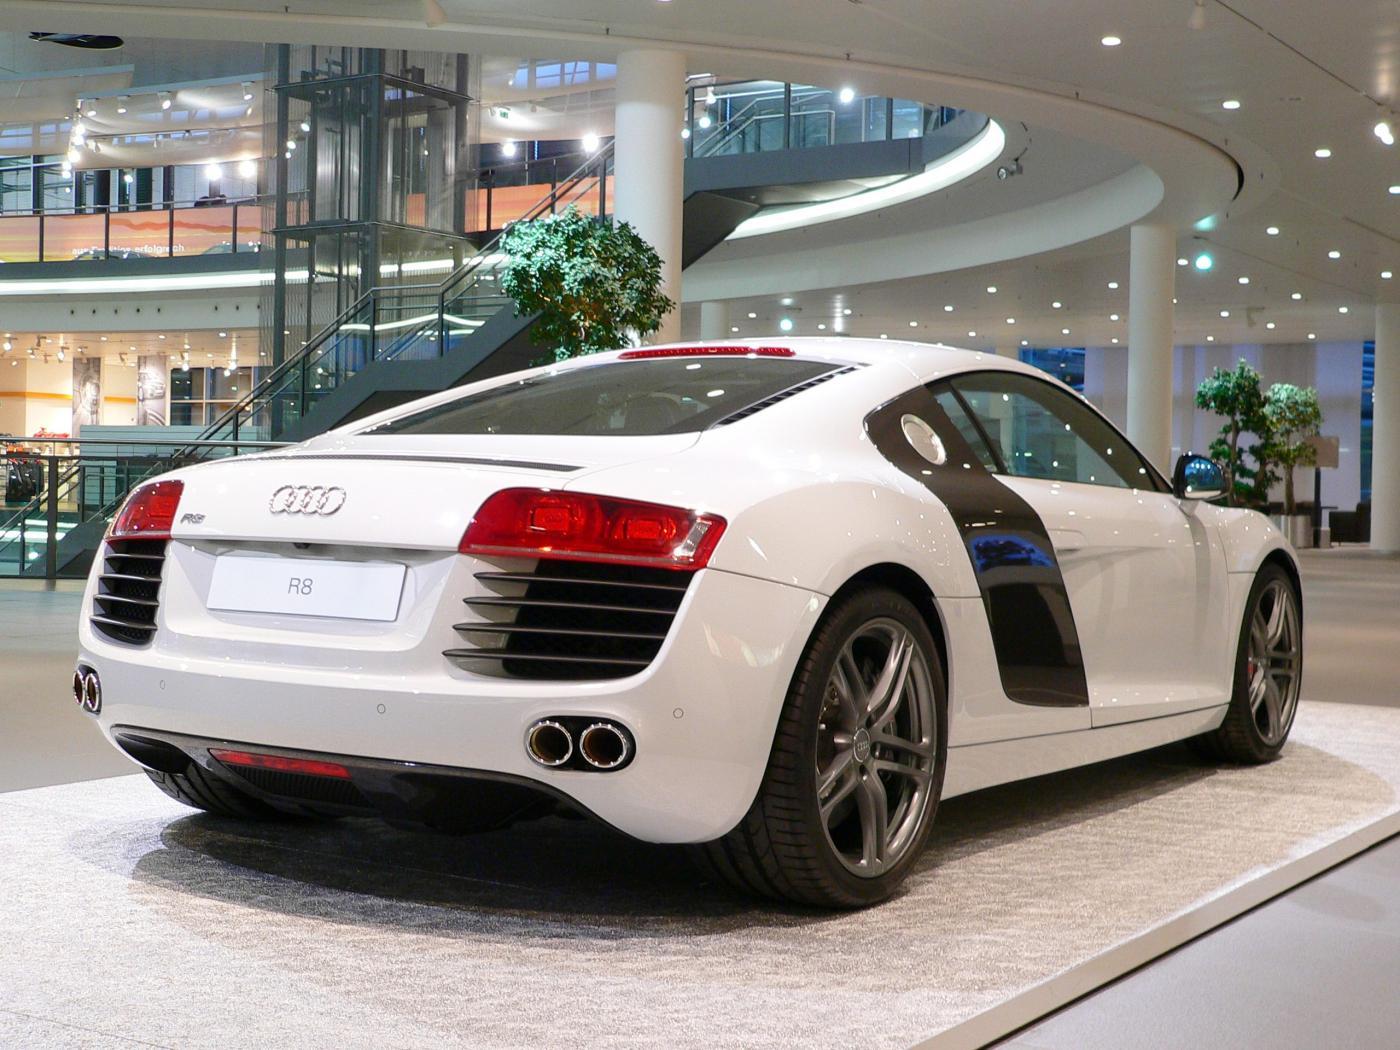 Forum-Audi-Neckarsulm-7